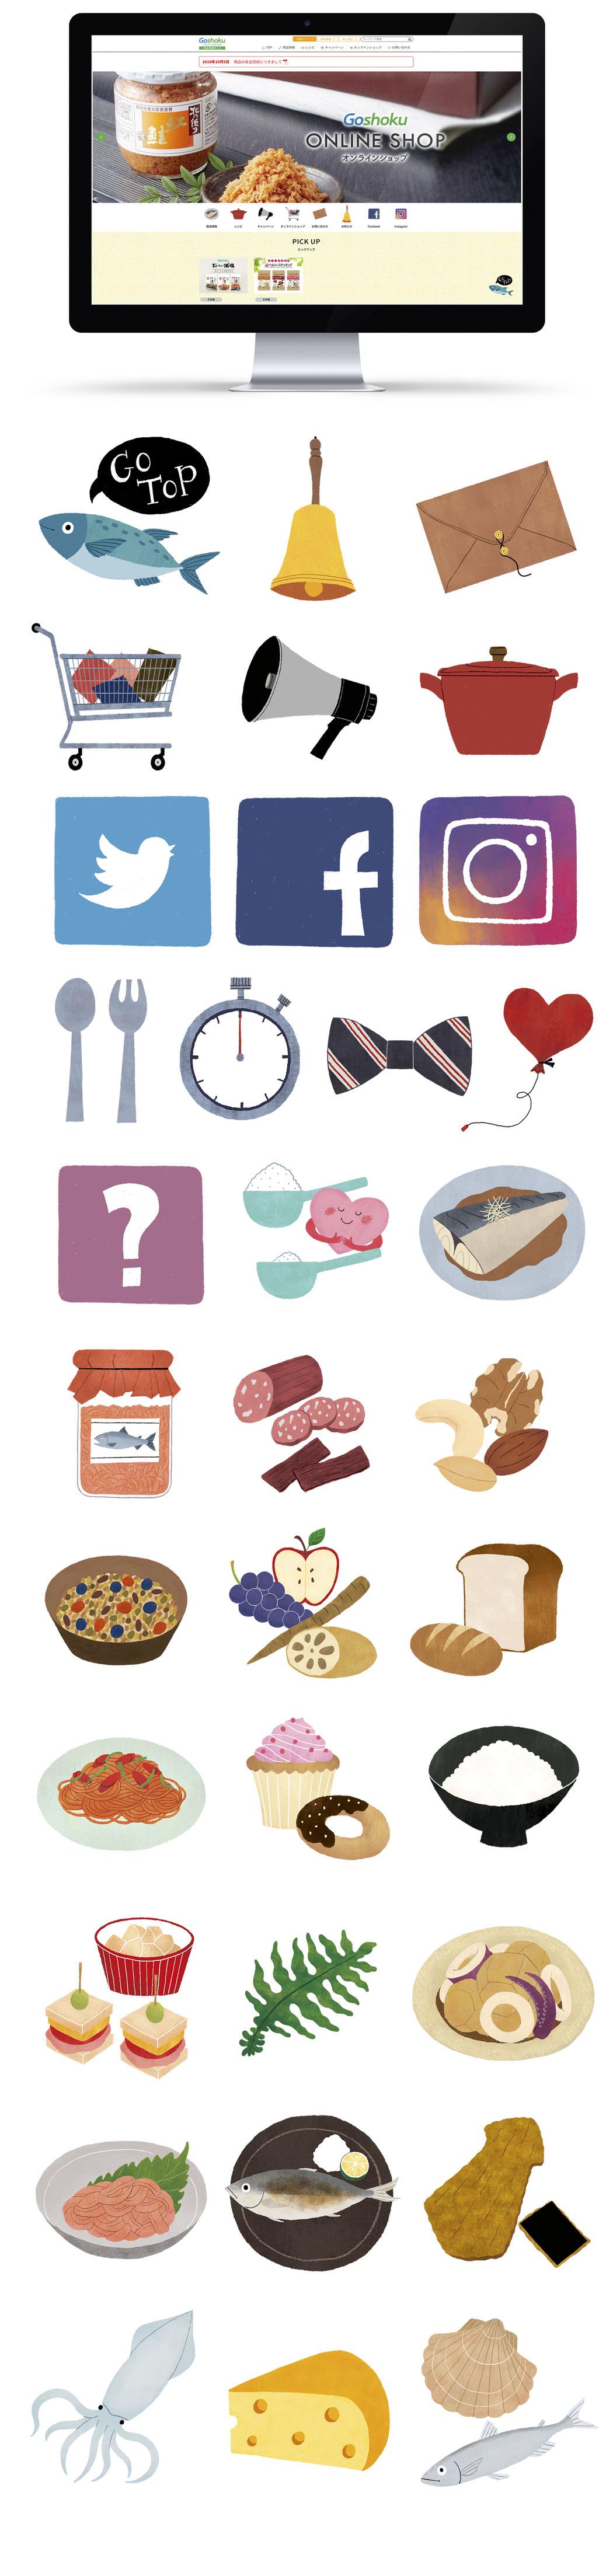 いろいろな食べ物のイラスト